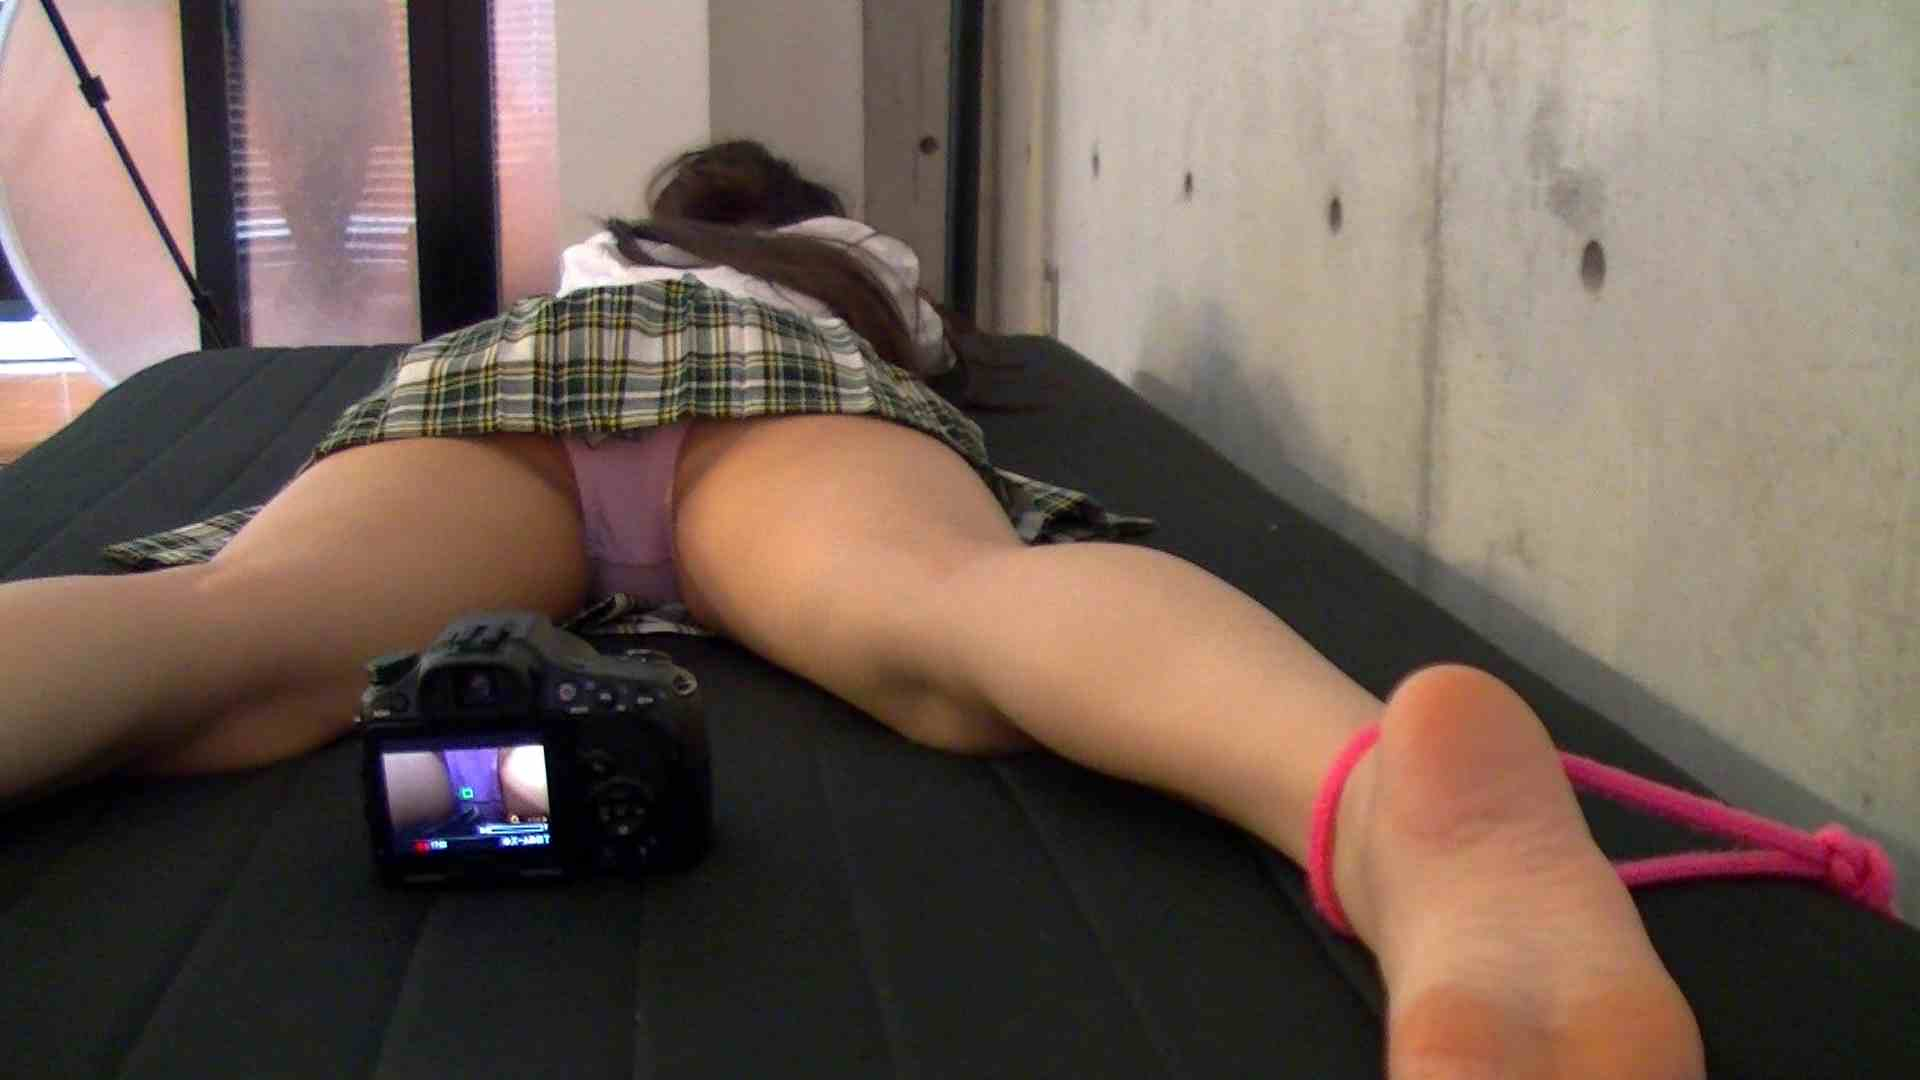 無料アダルト動画:vol.3 今度はうつ伏せで攻めます!身体をよじらせる夏実ちゃん:大奥